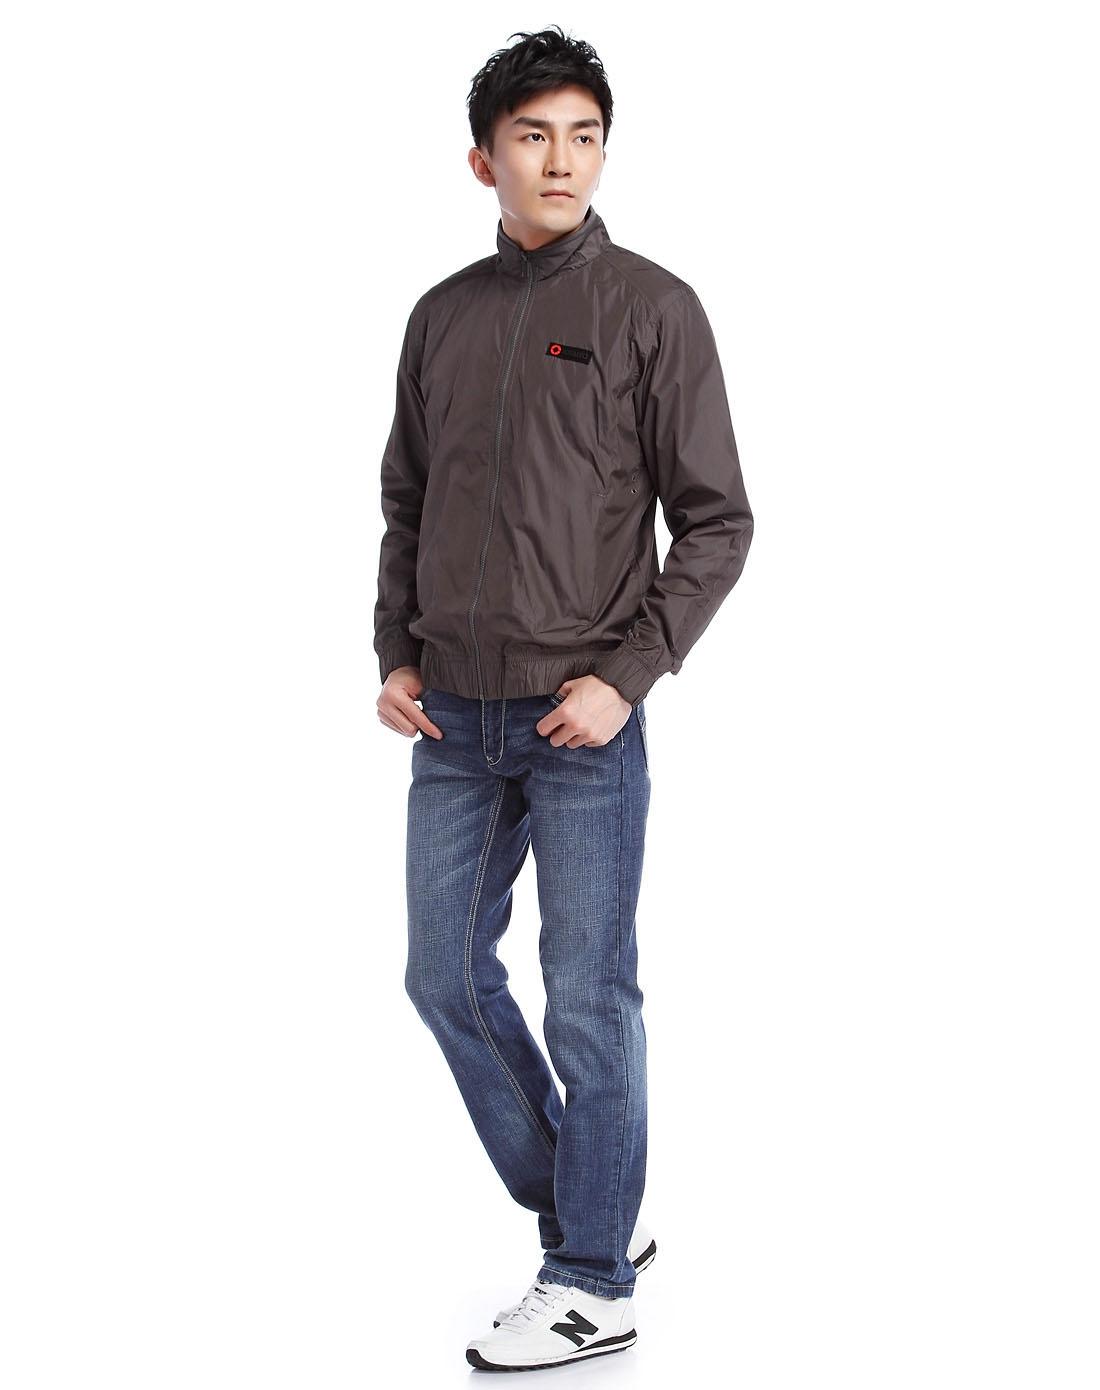 耐克nike 灰色长袖夹克